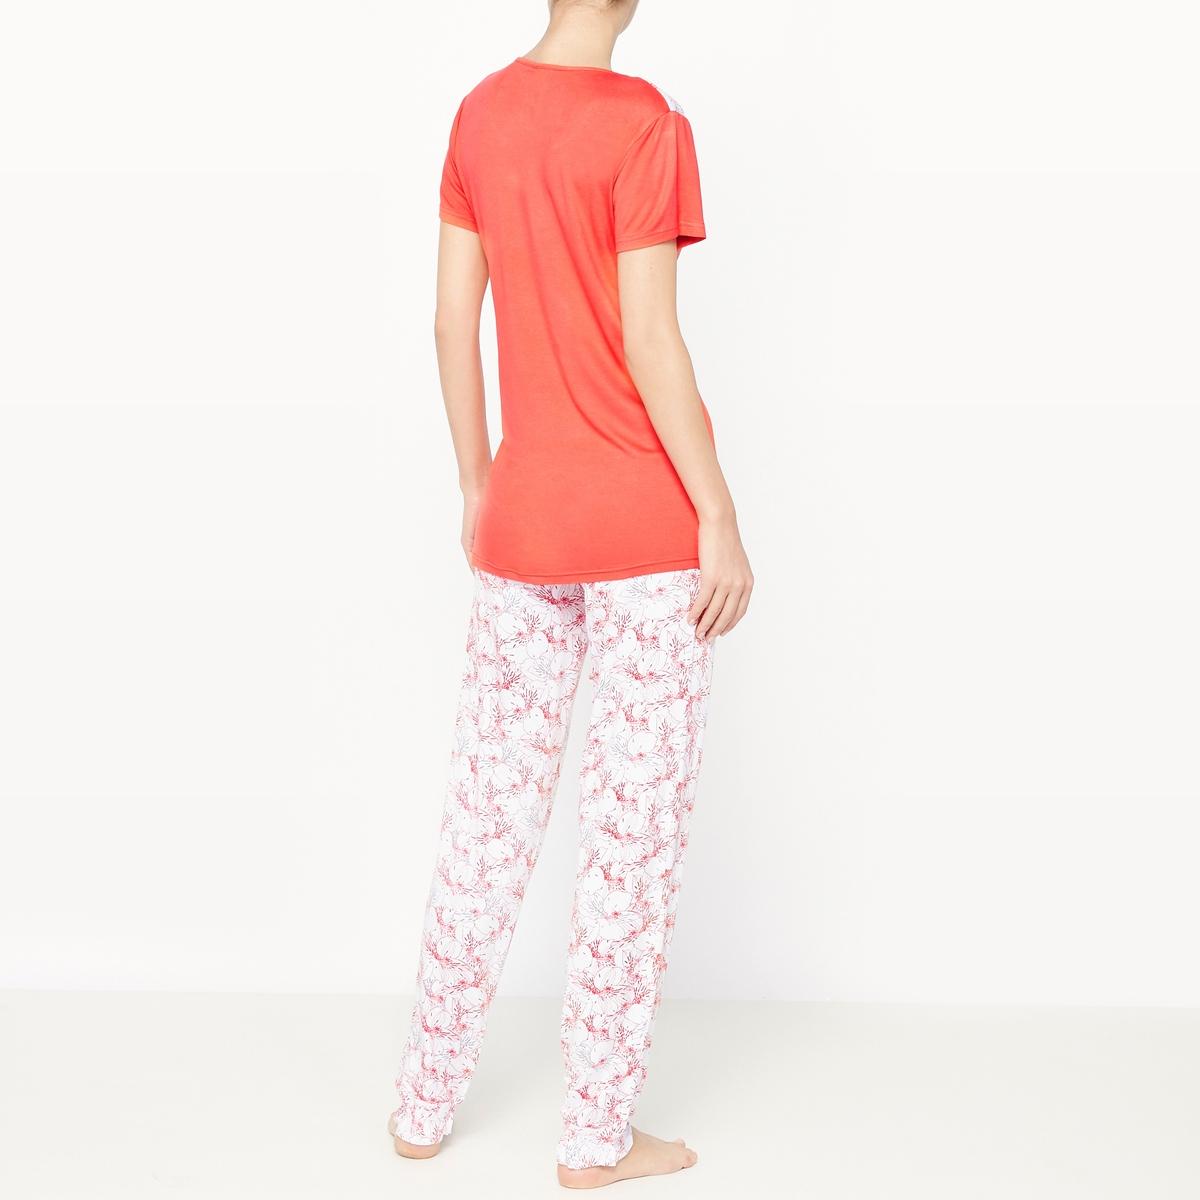 Пижама с короткими рукавами EscapeСостав и описание :Материал : 95% вискозы, 5% эластанаМарка : Dodo Уход :Машинная стирка при 30 °C с вещами схожих цветов<br><br>Цвет: оранжево-красный